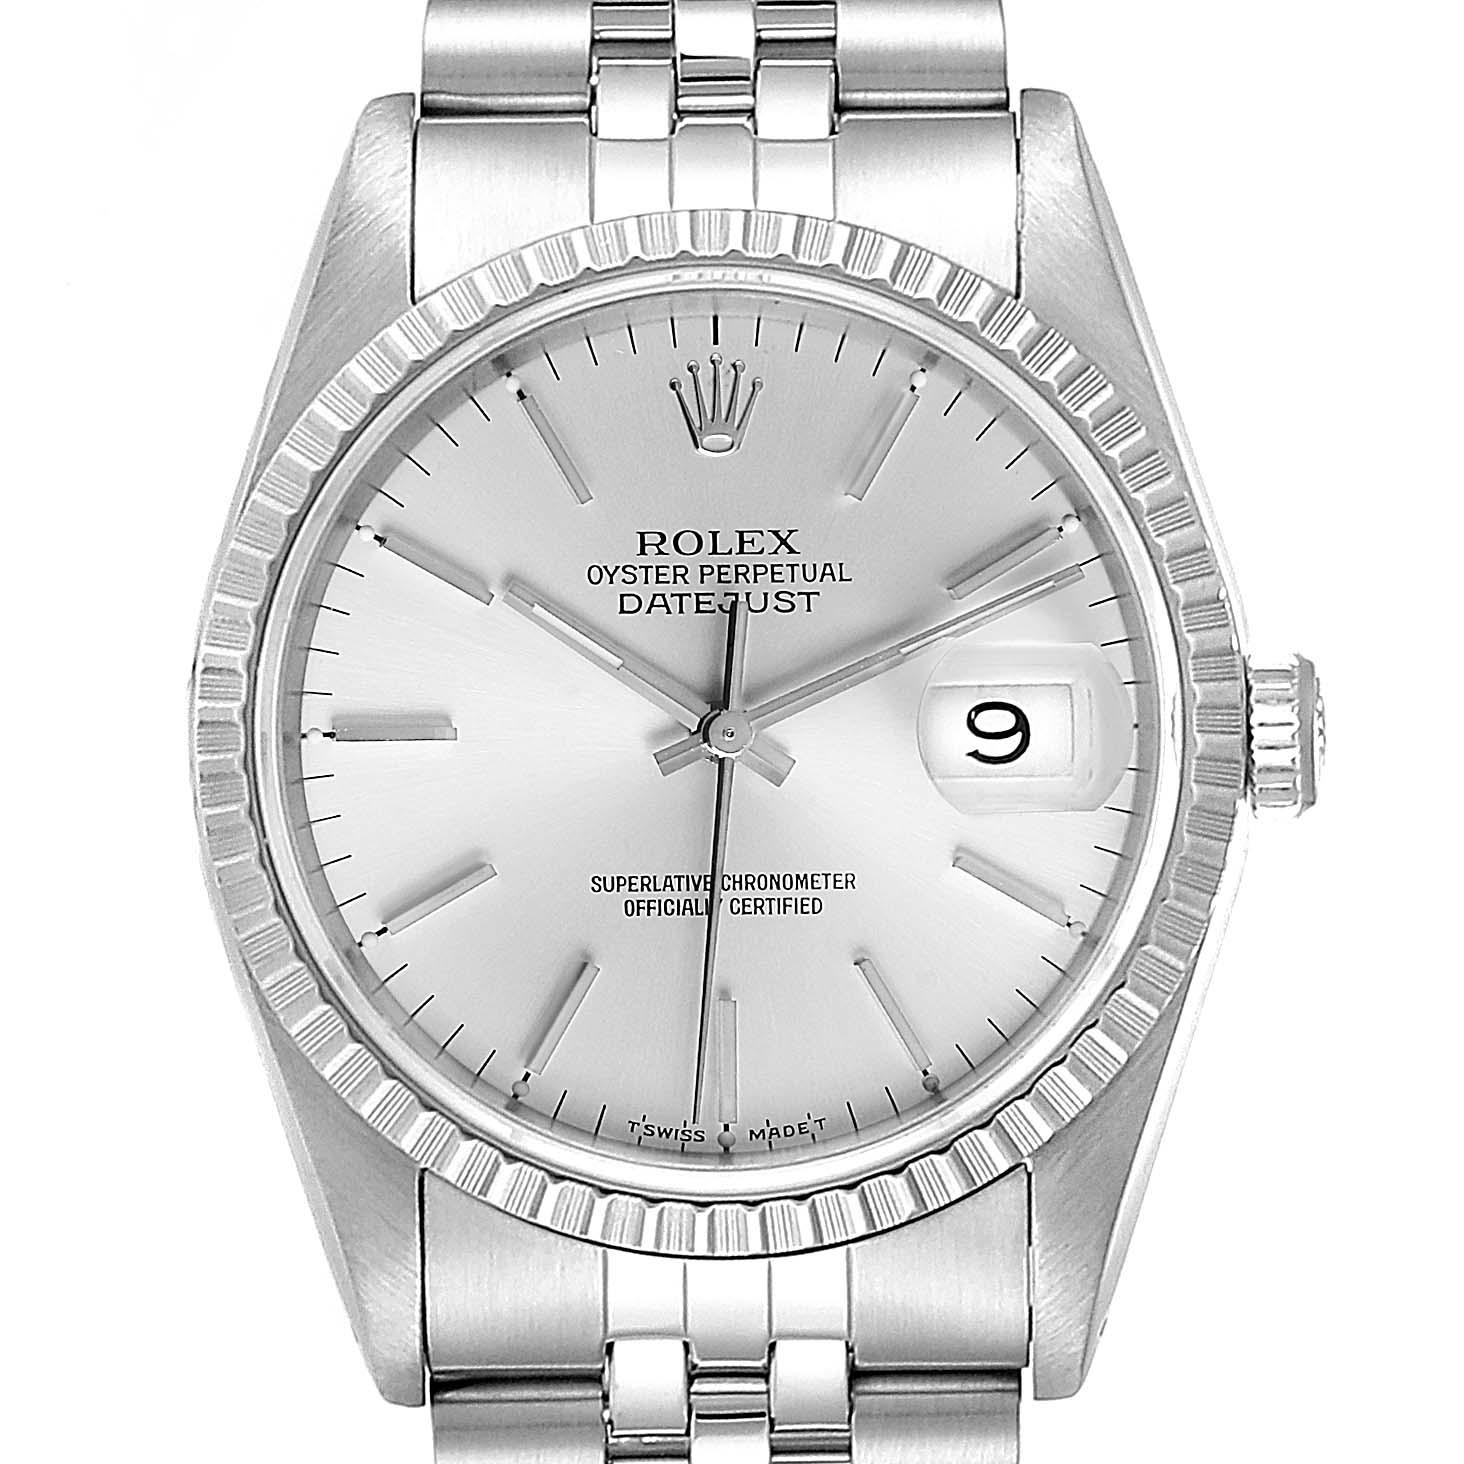 Rolex Datejust Silver Dial Jubilee Bracelet Steel Mens Watch 16220